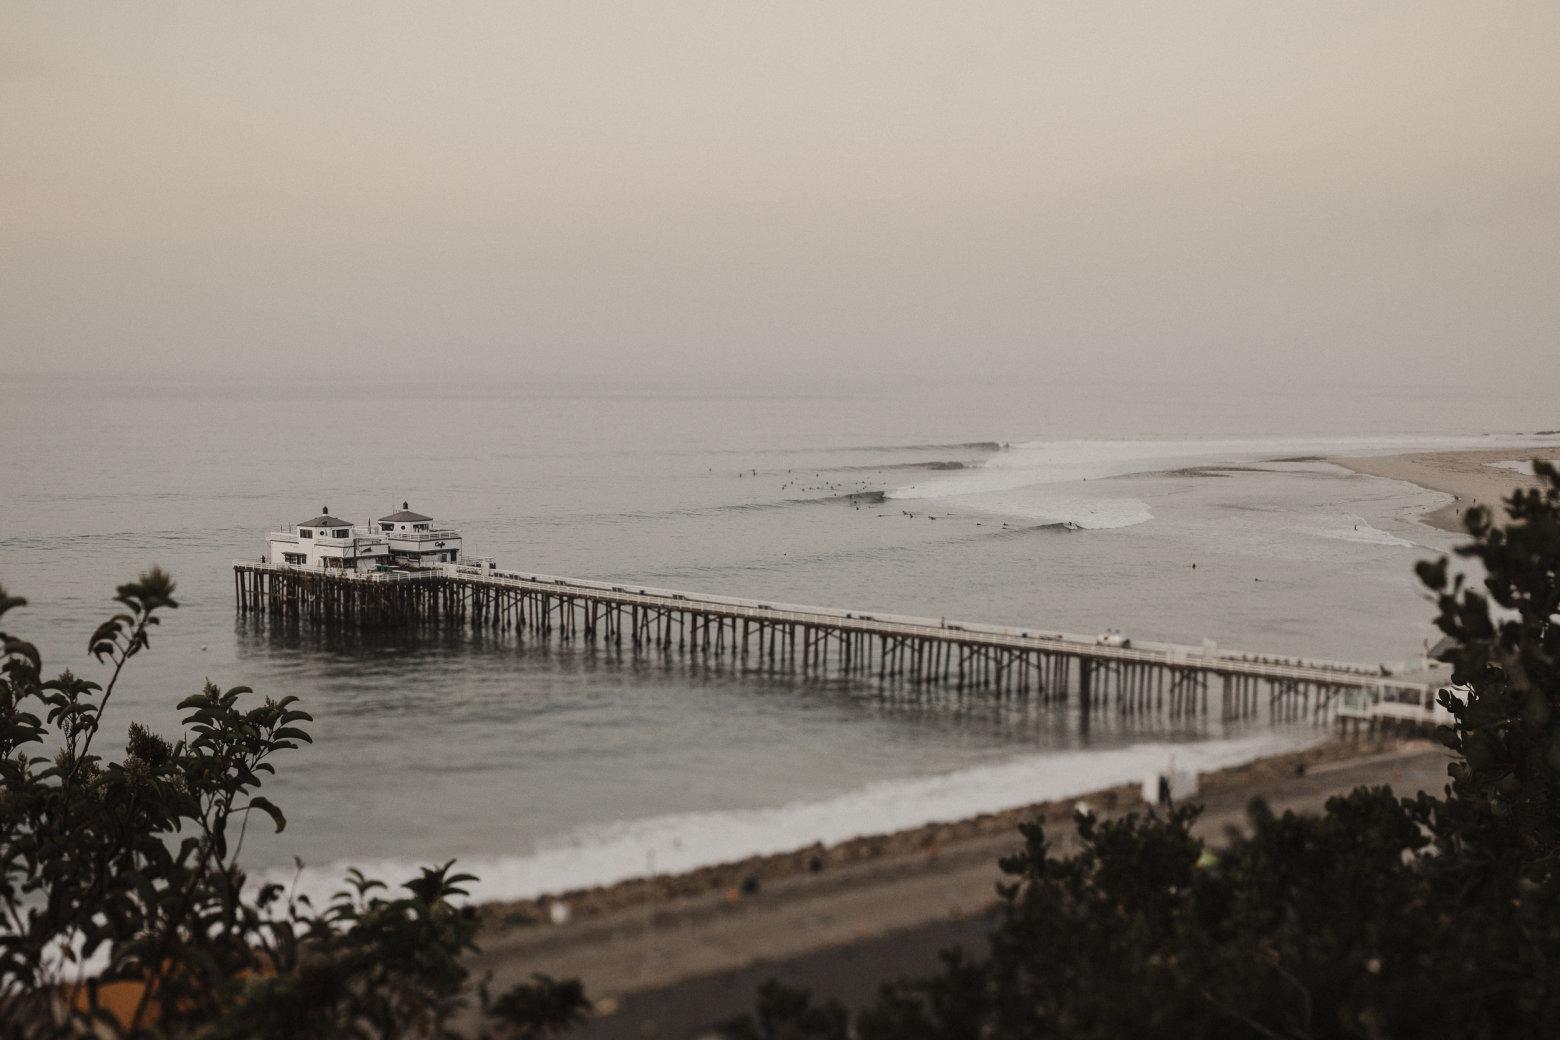 California State Beaches Close Due to Coronavirus